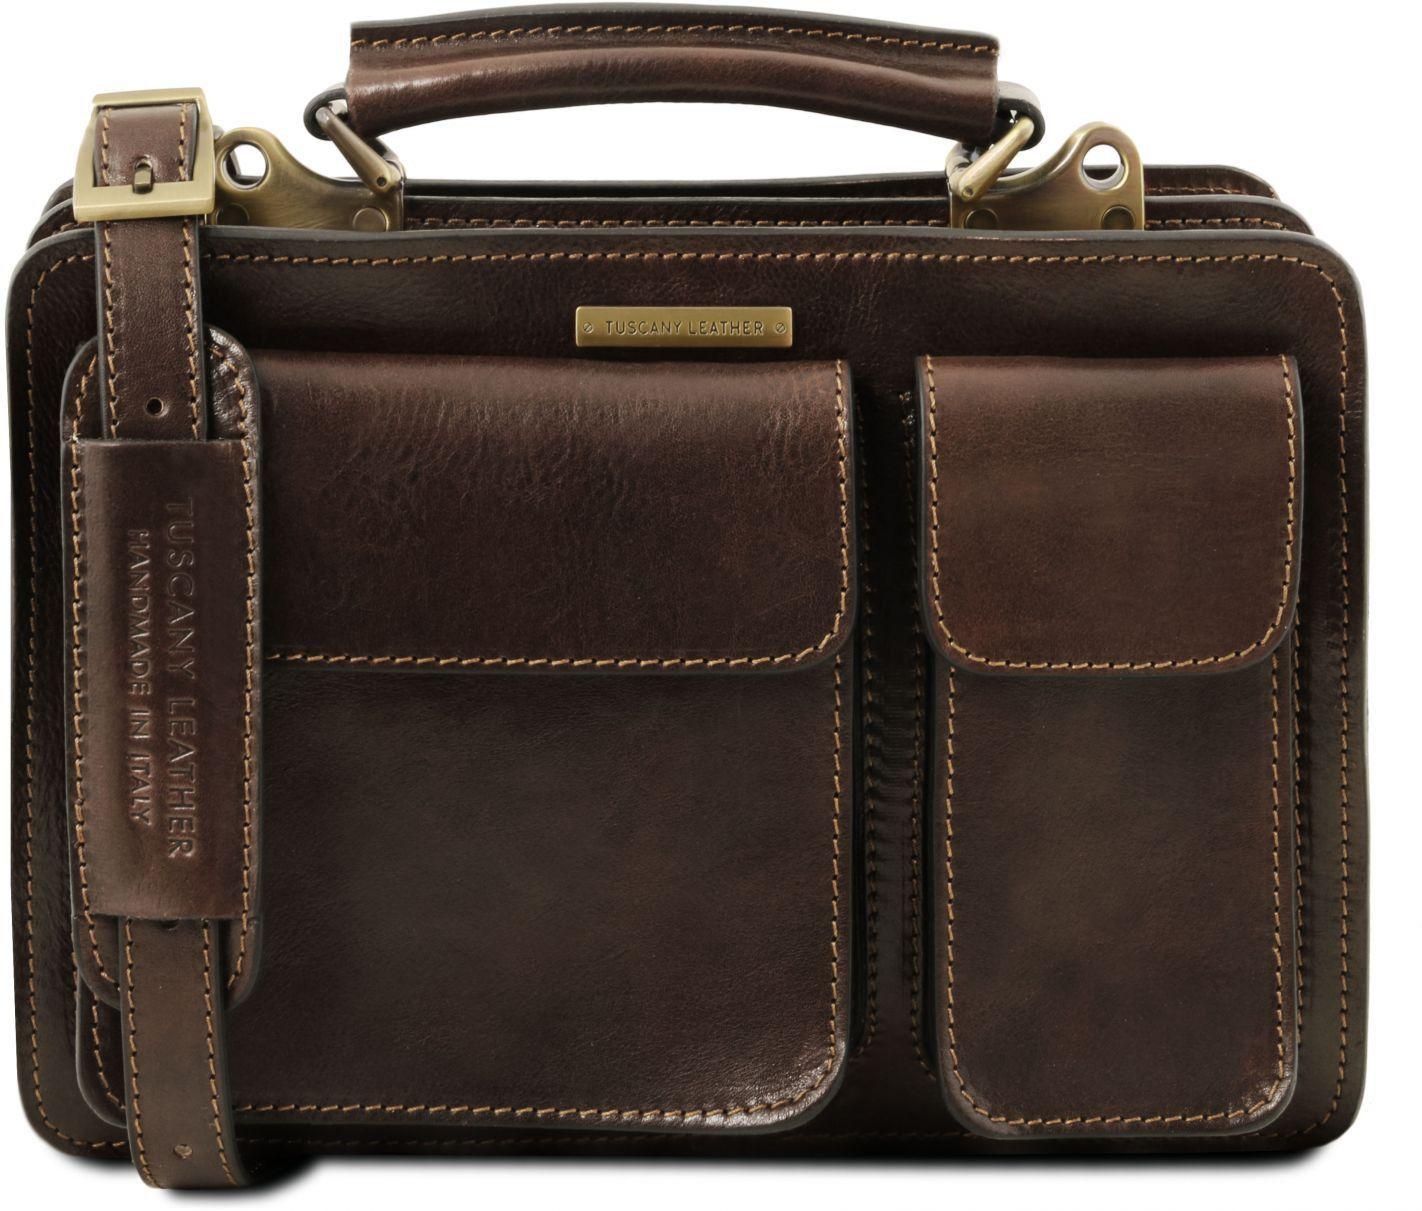 b267918773 Γυναικεία Επαγγελματική Τσάντα Δερμάτινη Tania S Καφέ σκούρο Tuscany  Leather ...